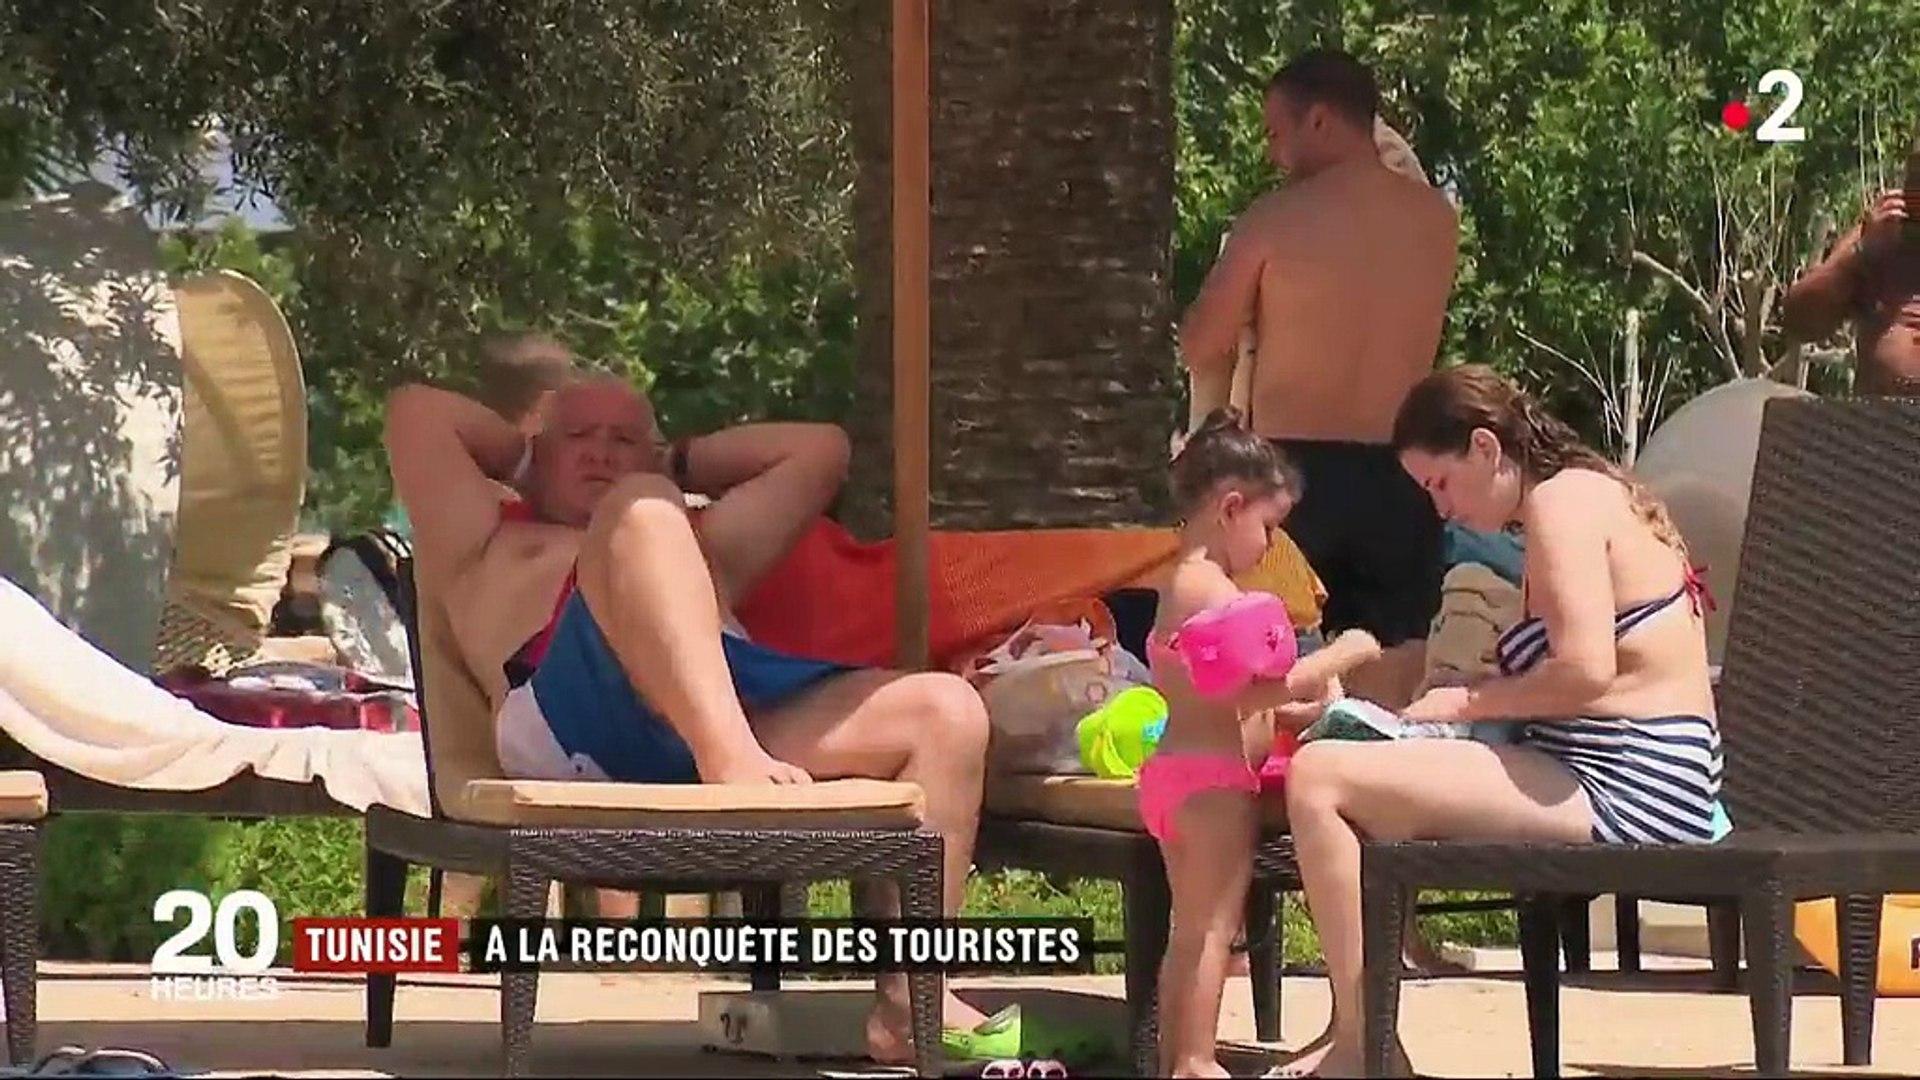 Tunisie : à la reconquête des touristes